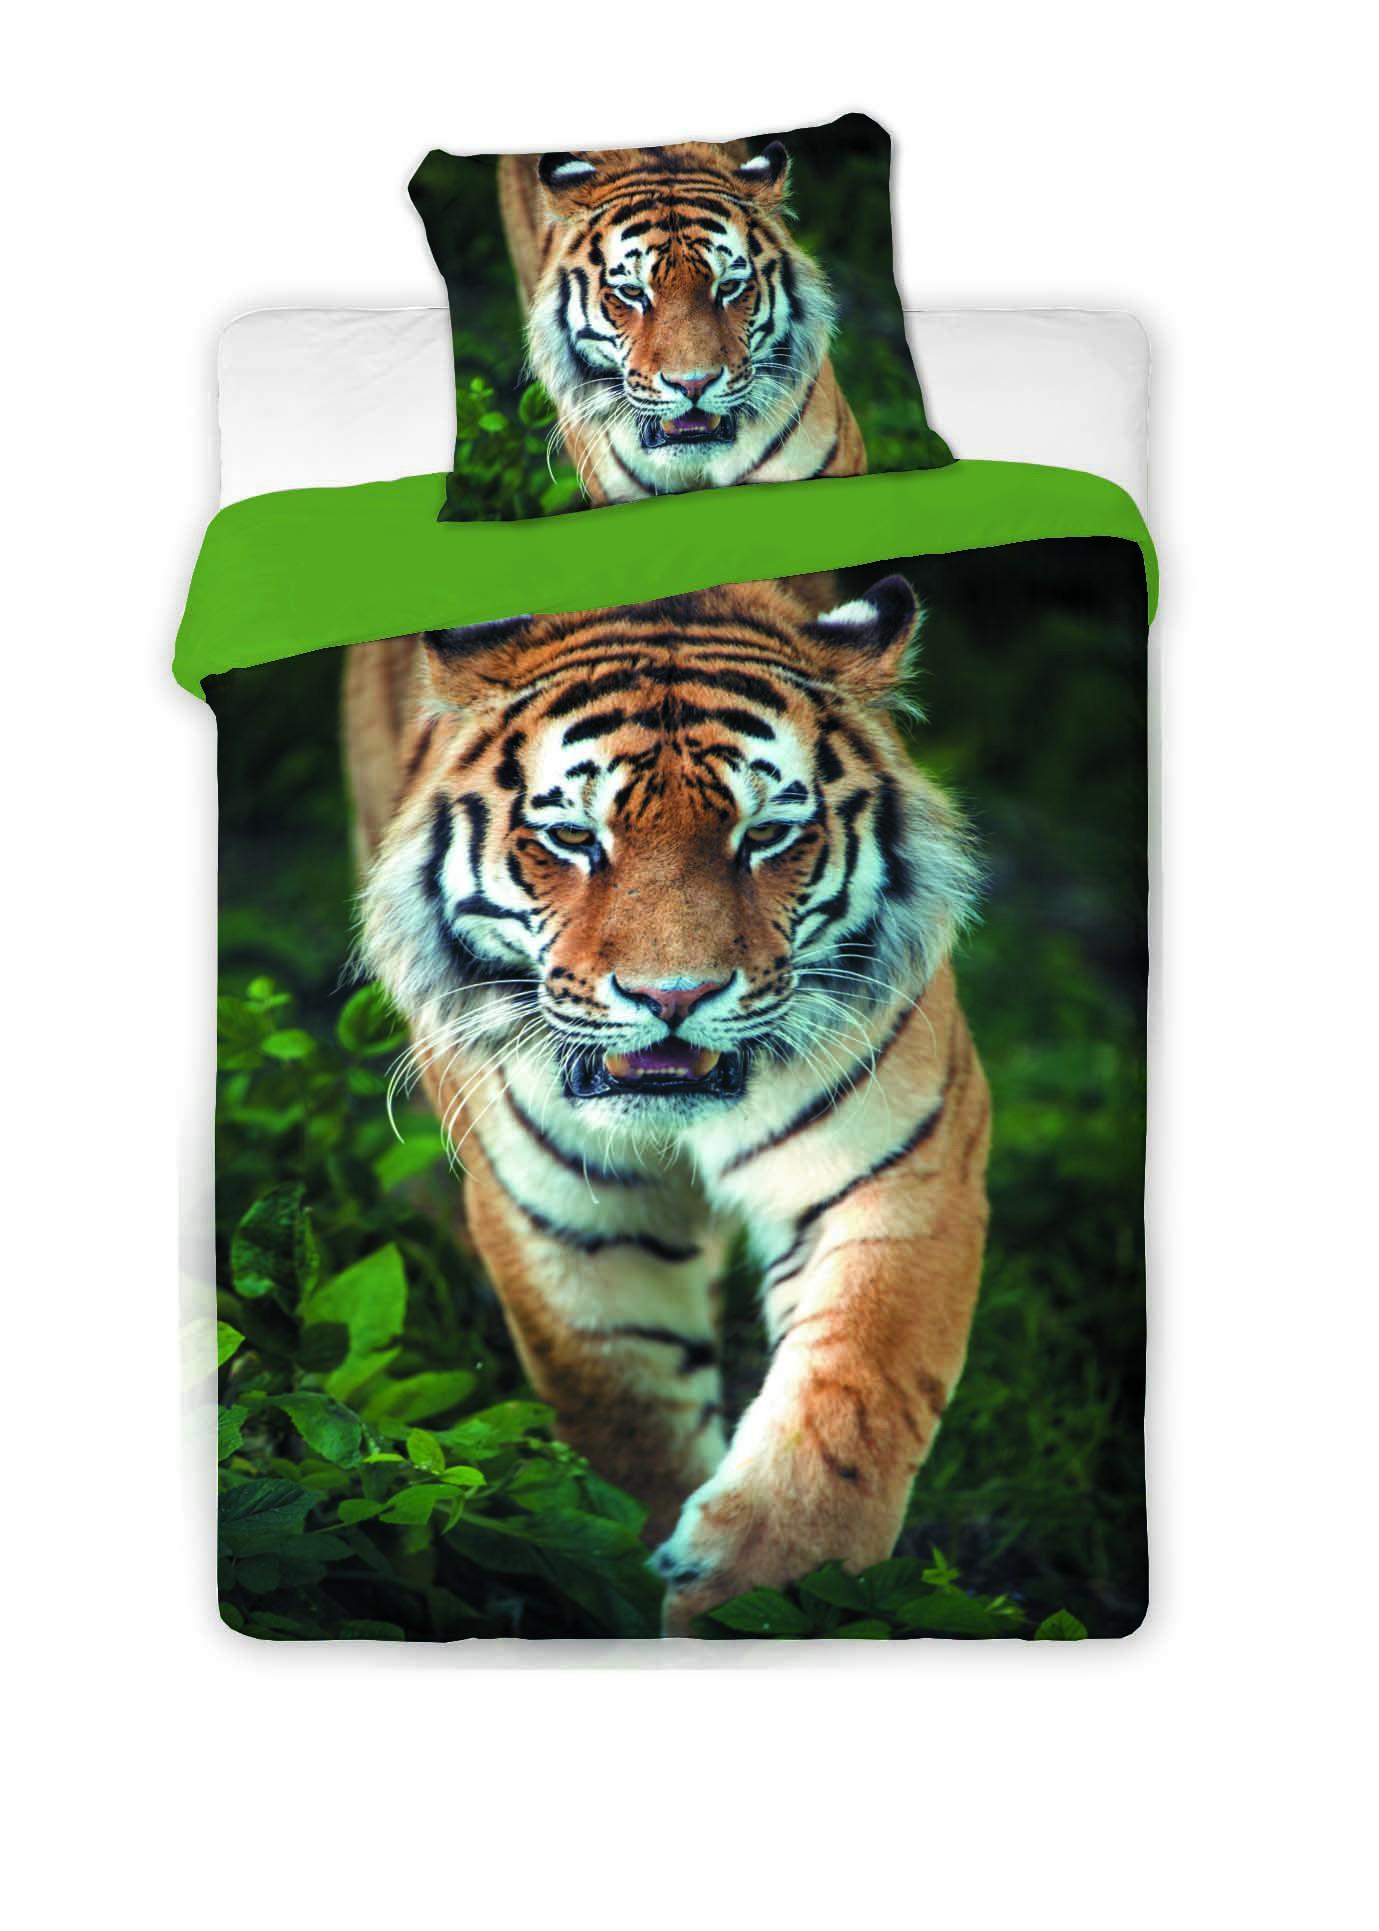 Povlečení fototisk Tygr 2016 140x200 70x90